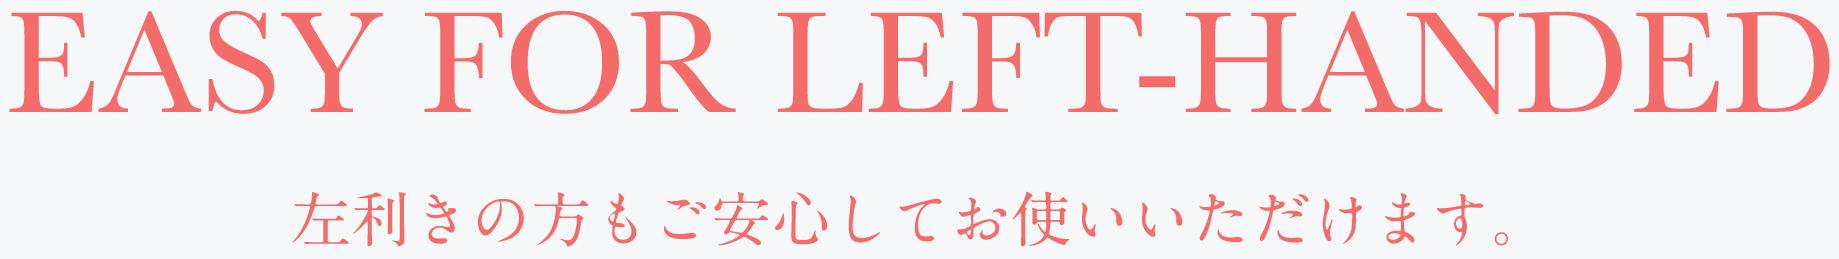 EASY FOR LEFT-HANDED 左利きの方もご安心してお使いいただけます。